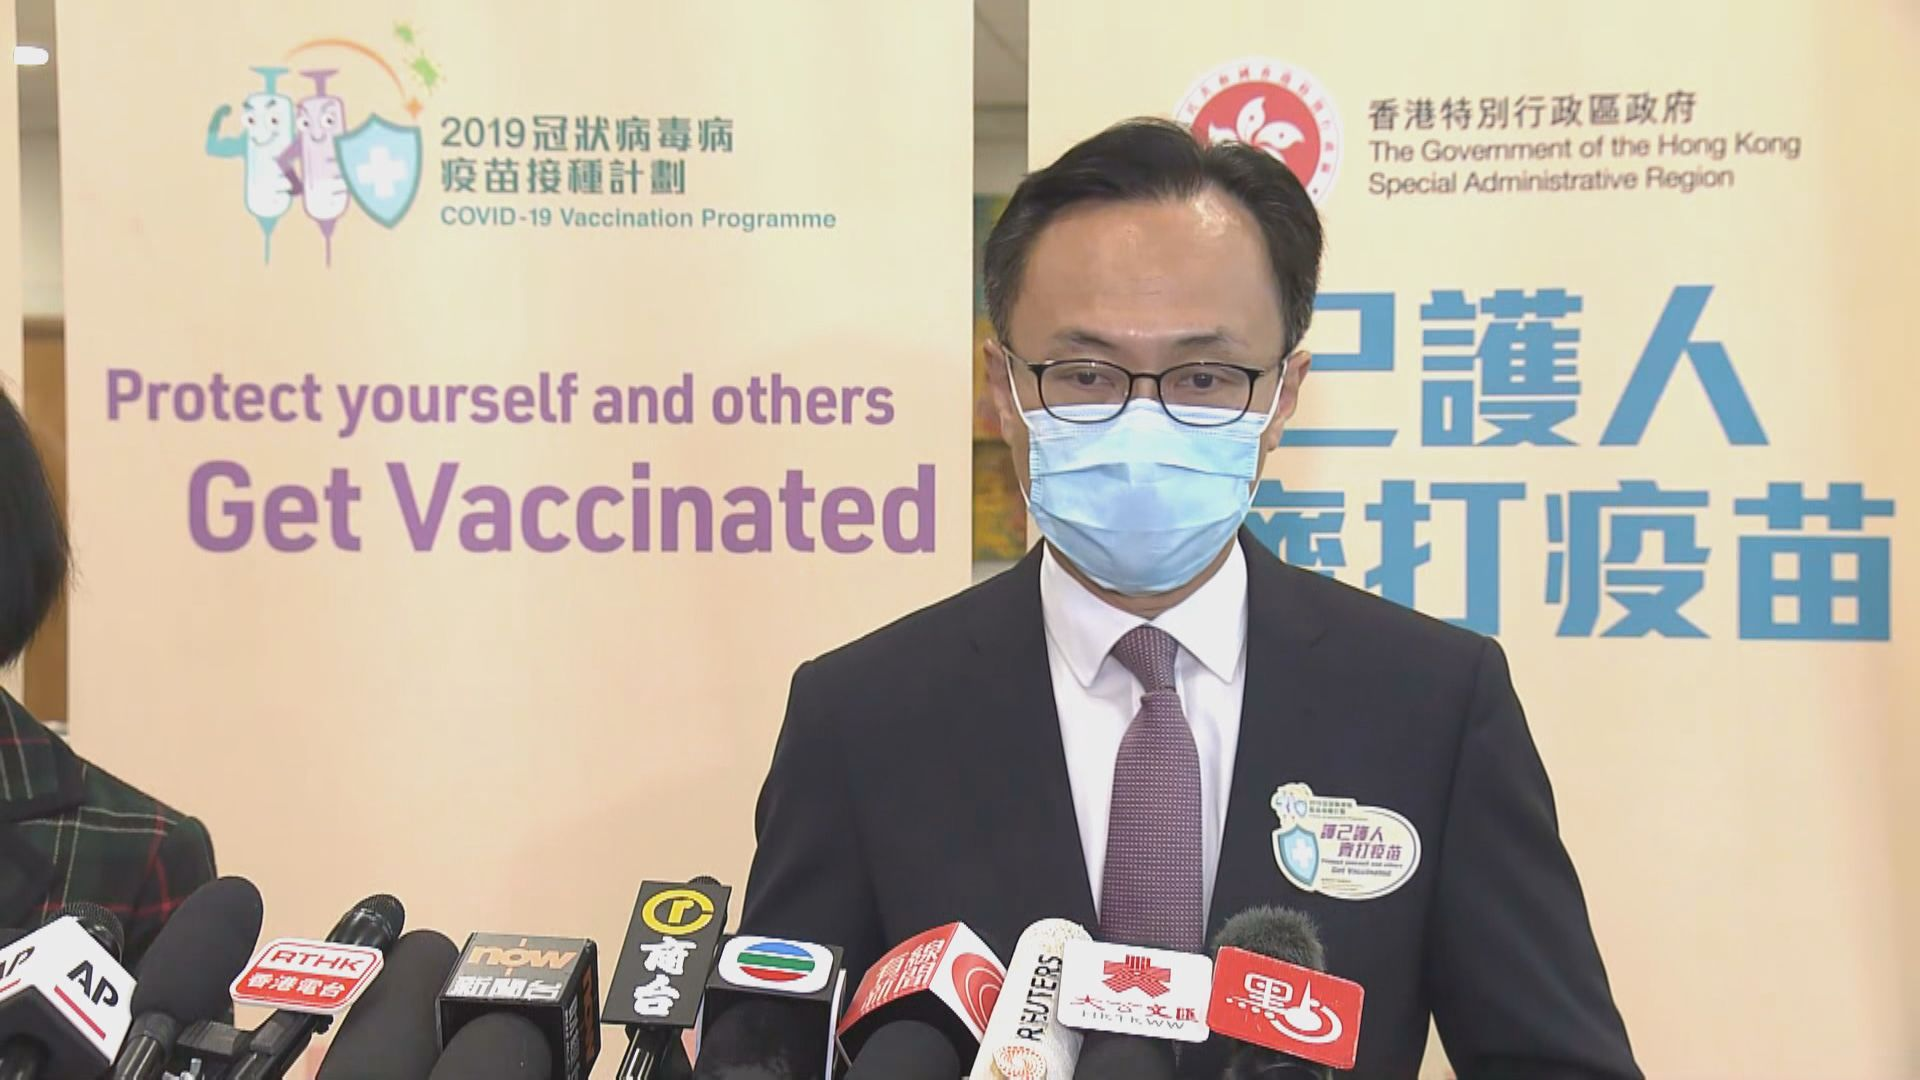 政府下周一再開放預約接種科興疫苗 增三間接種中心